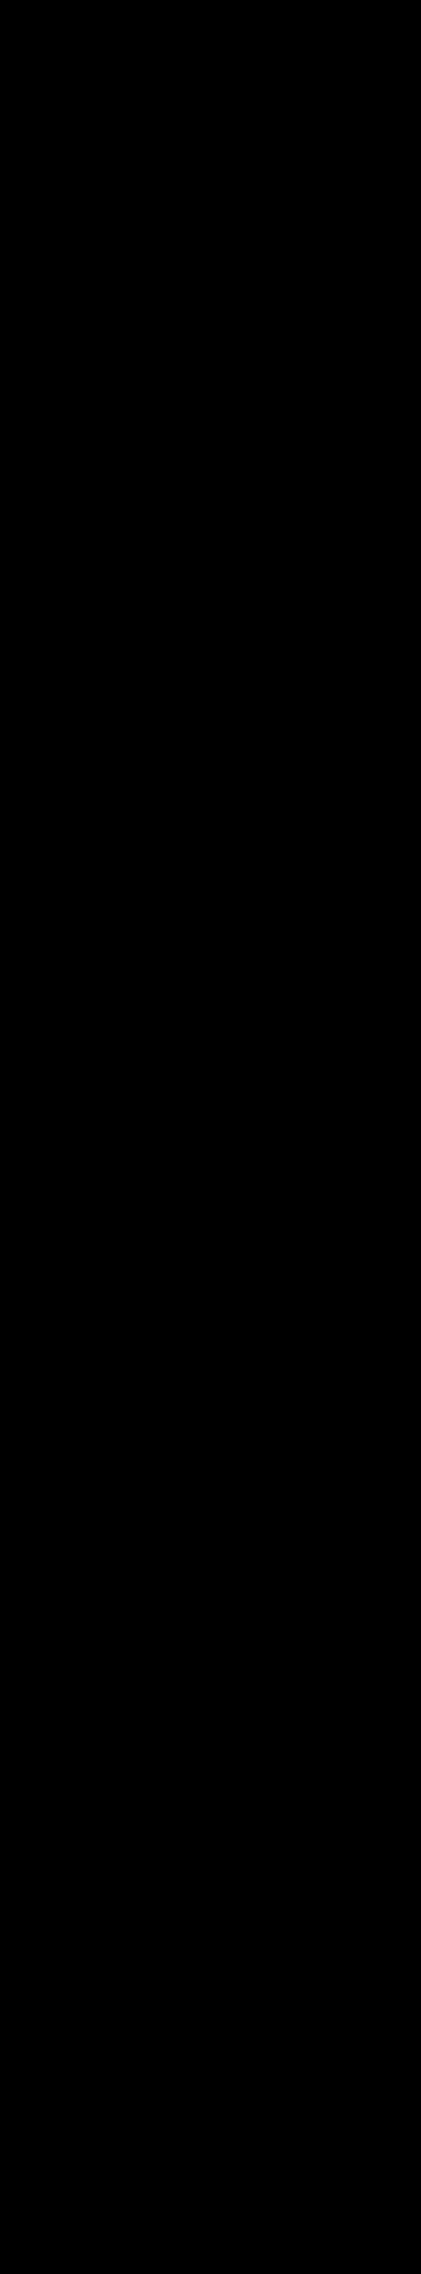 คอร์ดกีตาร์ ง่าย คอร์ดกีต้าโปร่ง เพลง ภาพซ้ำ